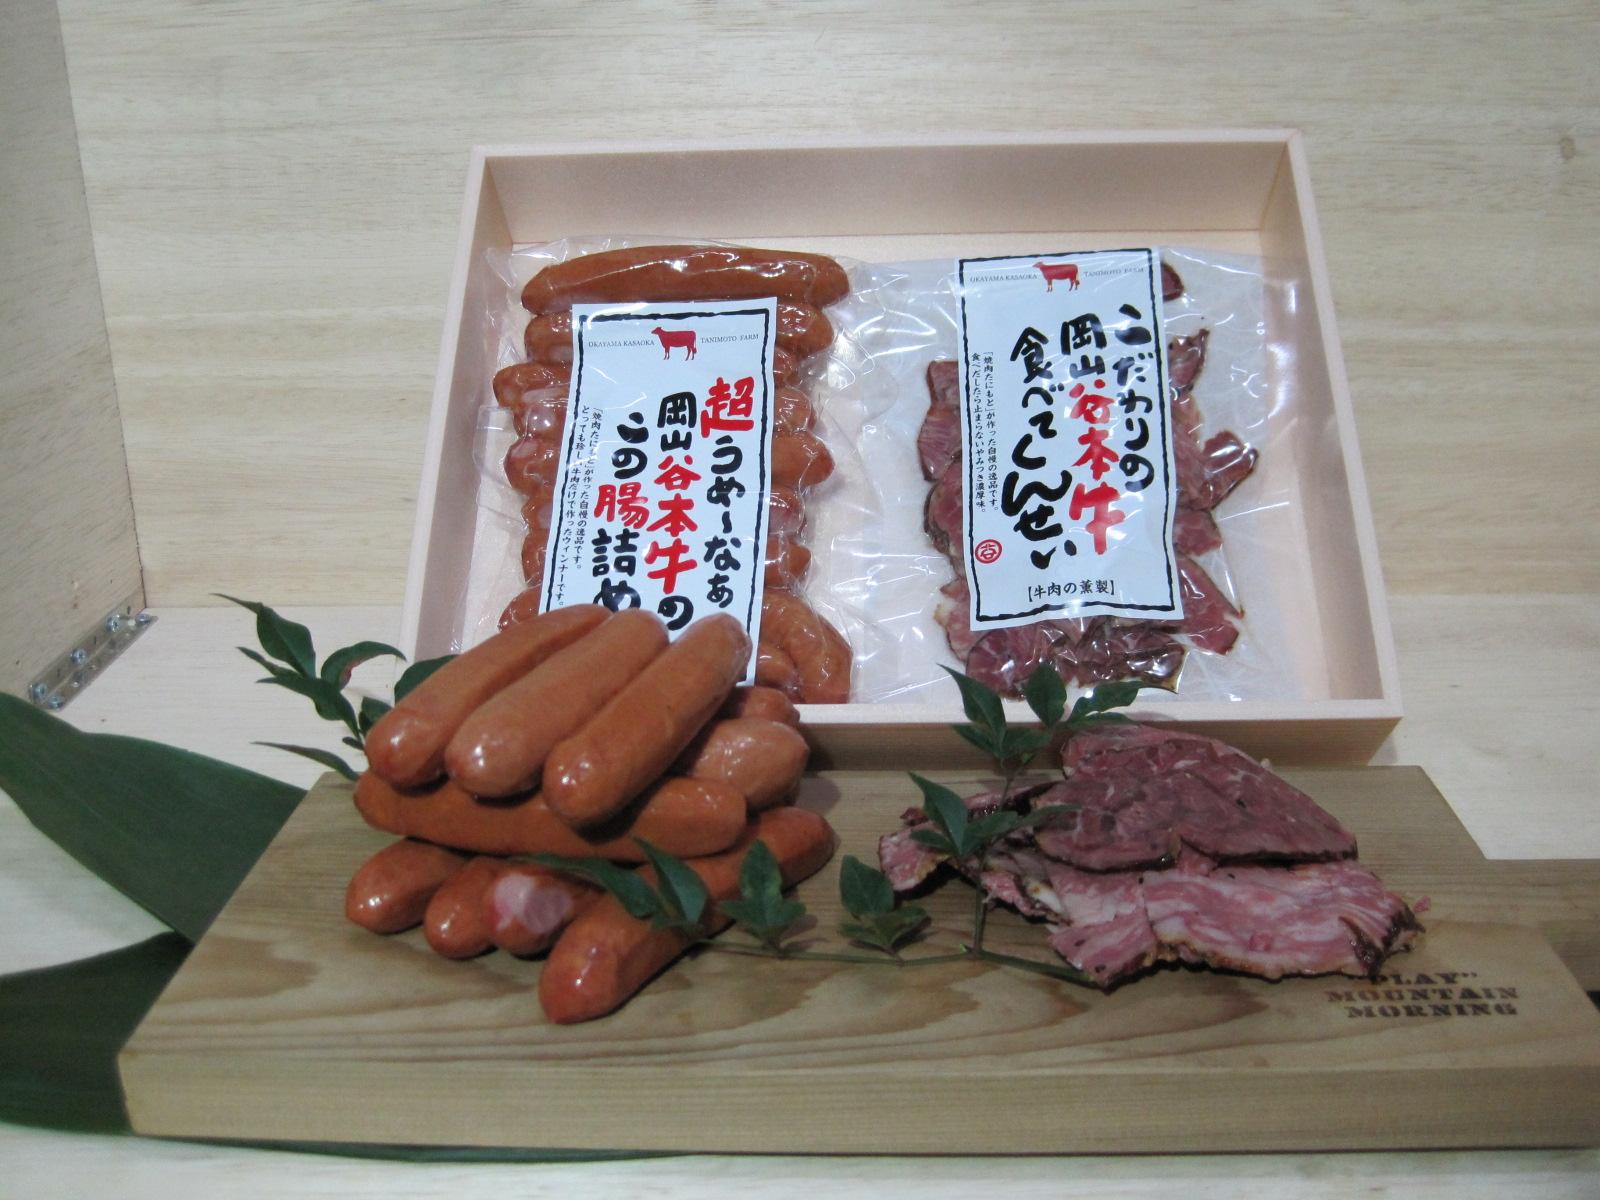 【ふるさと納税】1-17 谷本牛特製おつまみセット